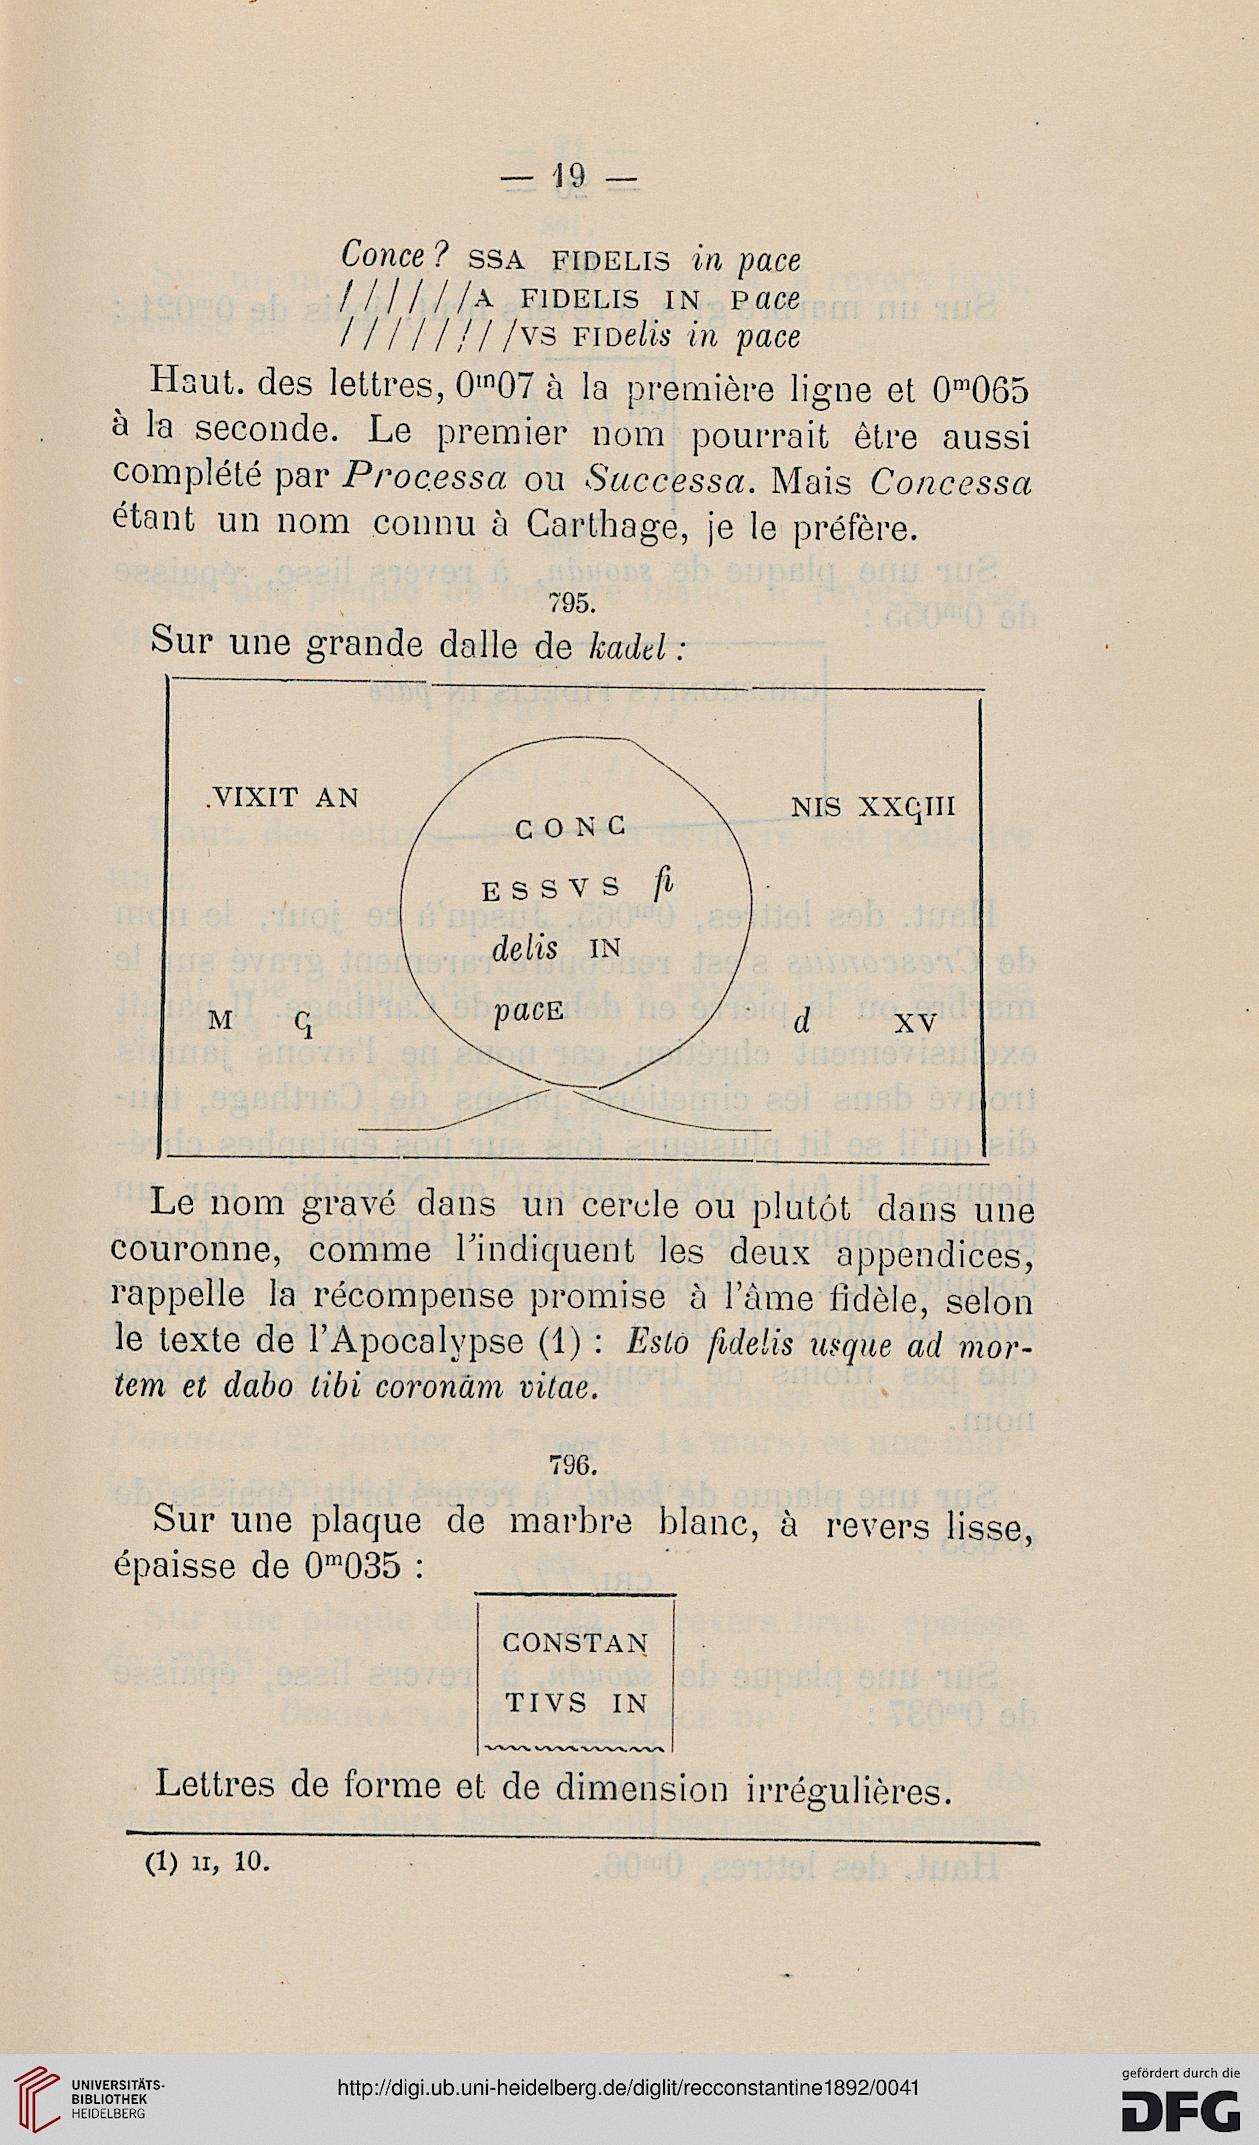 Recueil des notices et mémoires de la Société Archéologique du ...